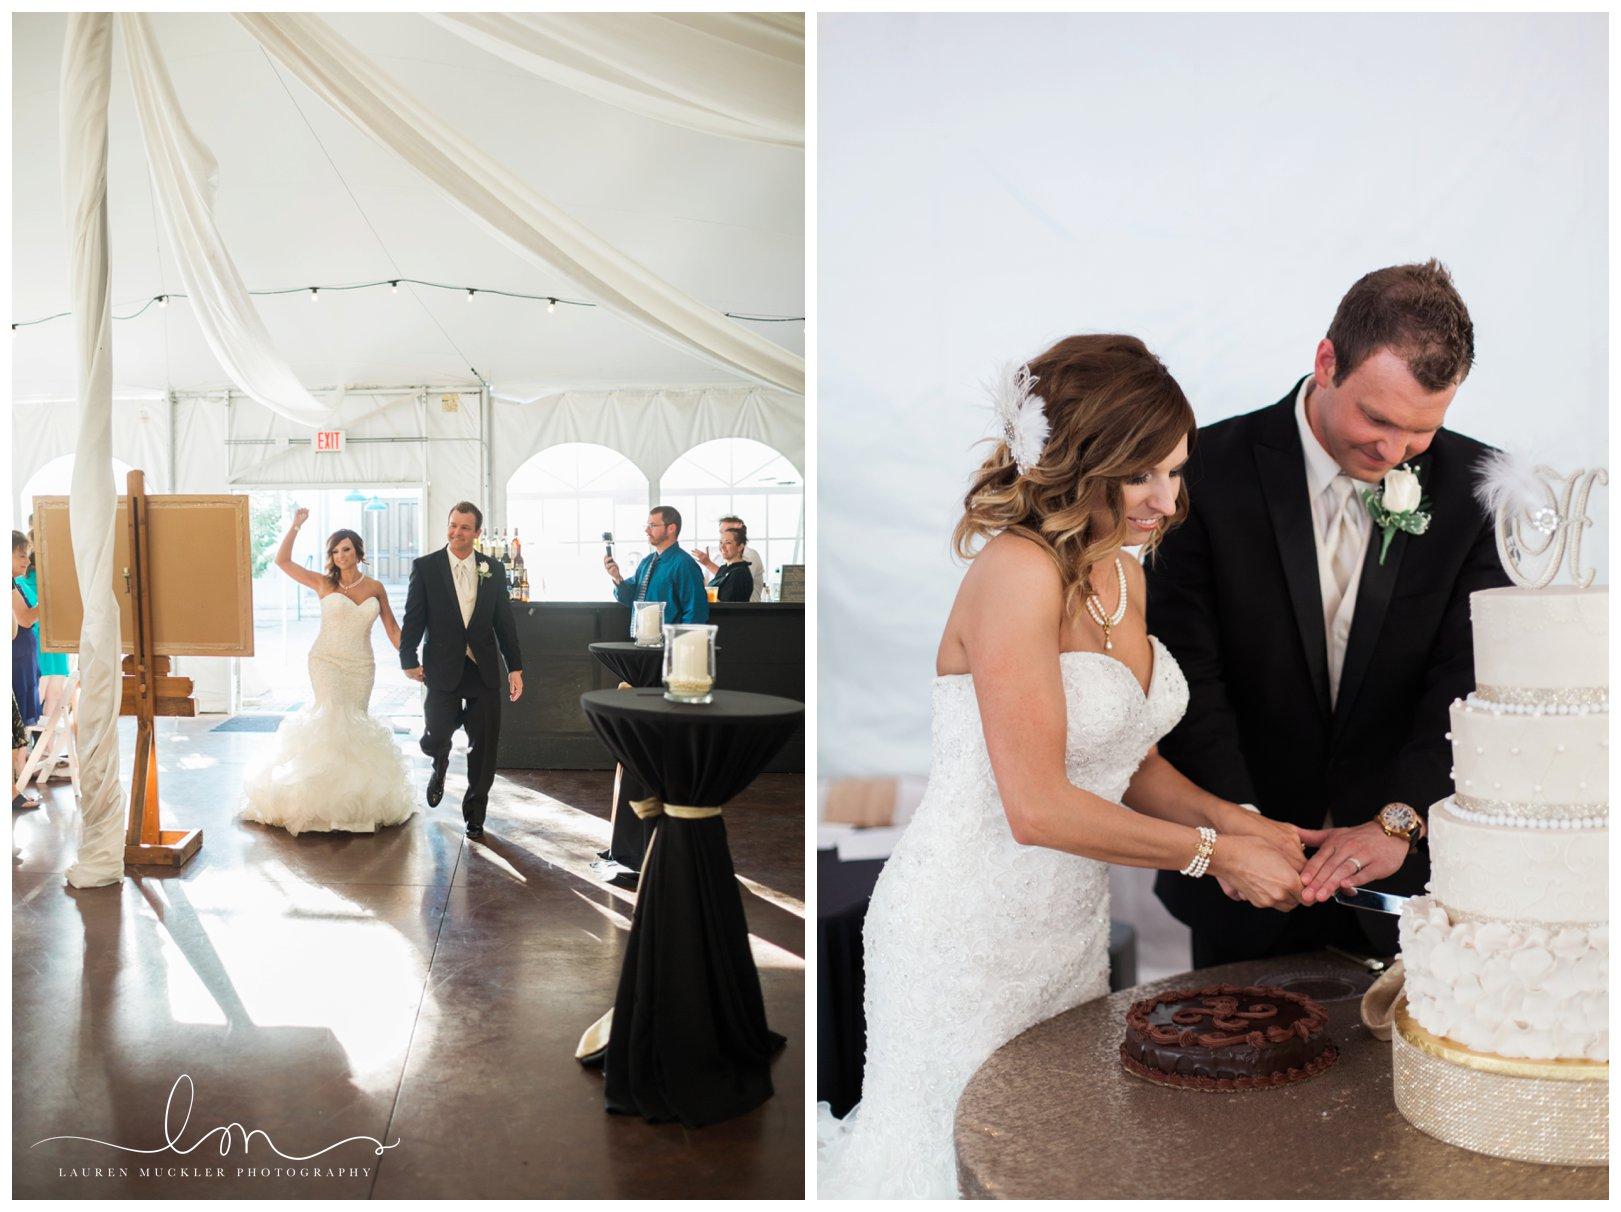 lauren muckler photography_fine art film wedding photography_st louis_photography_0477.jpg